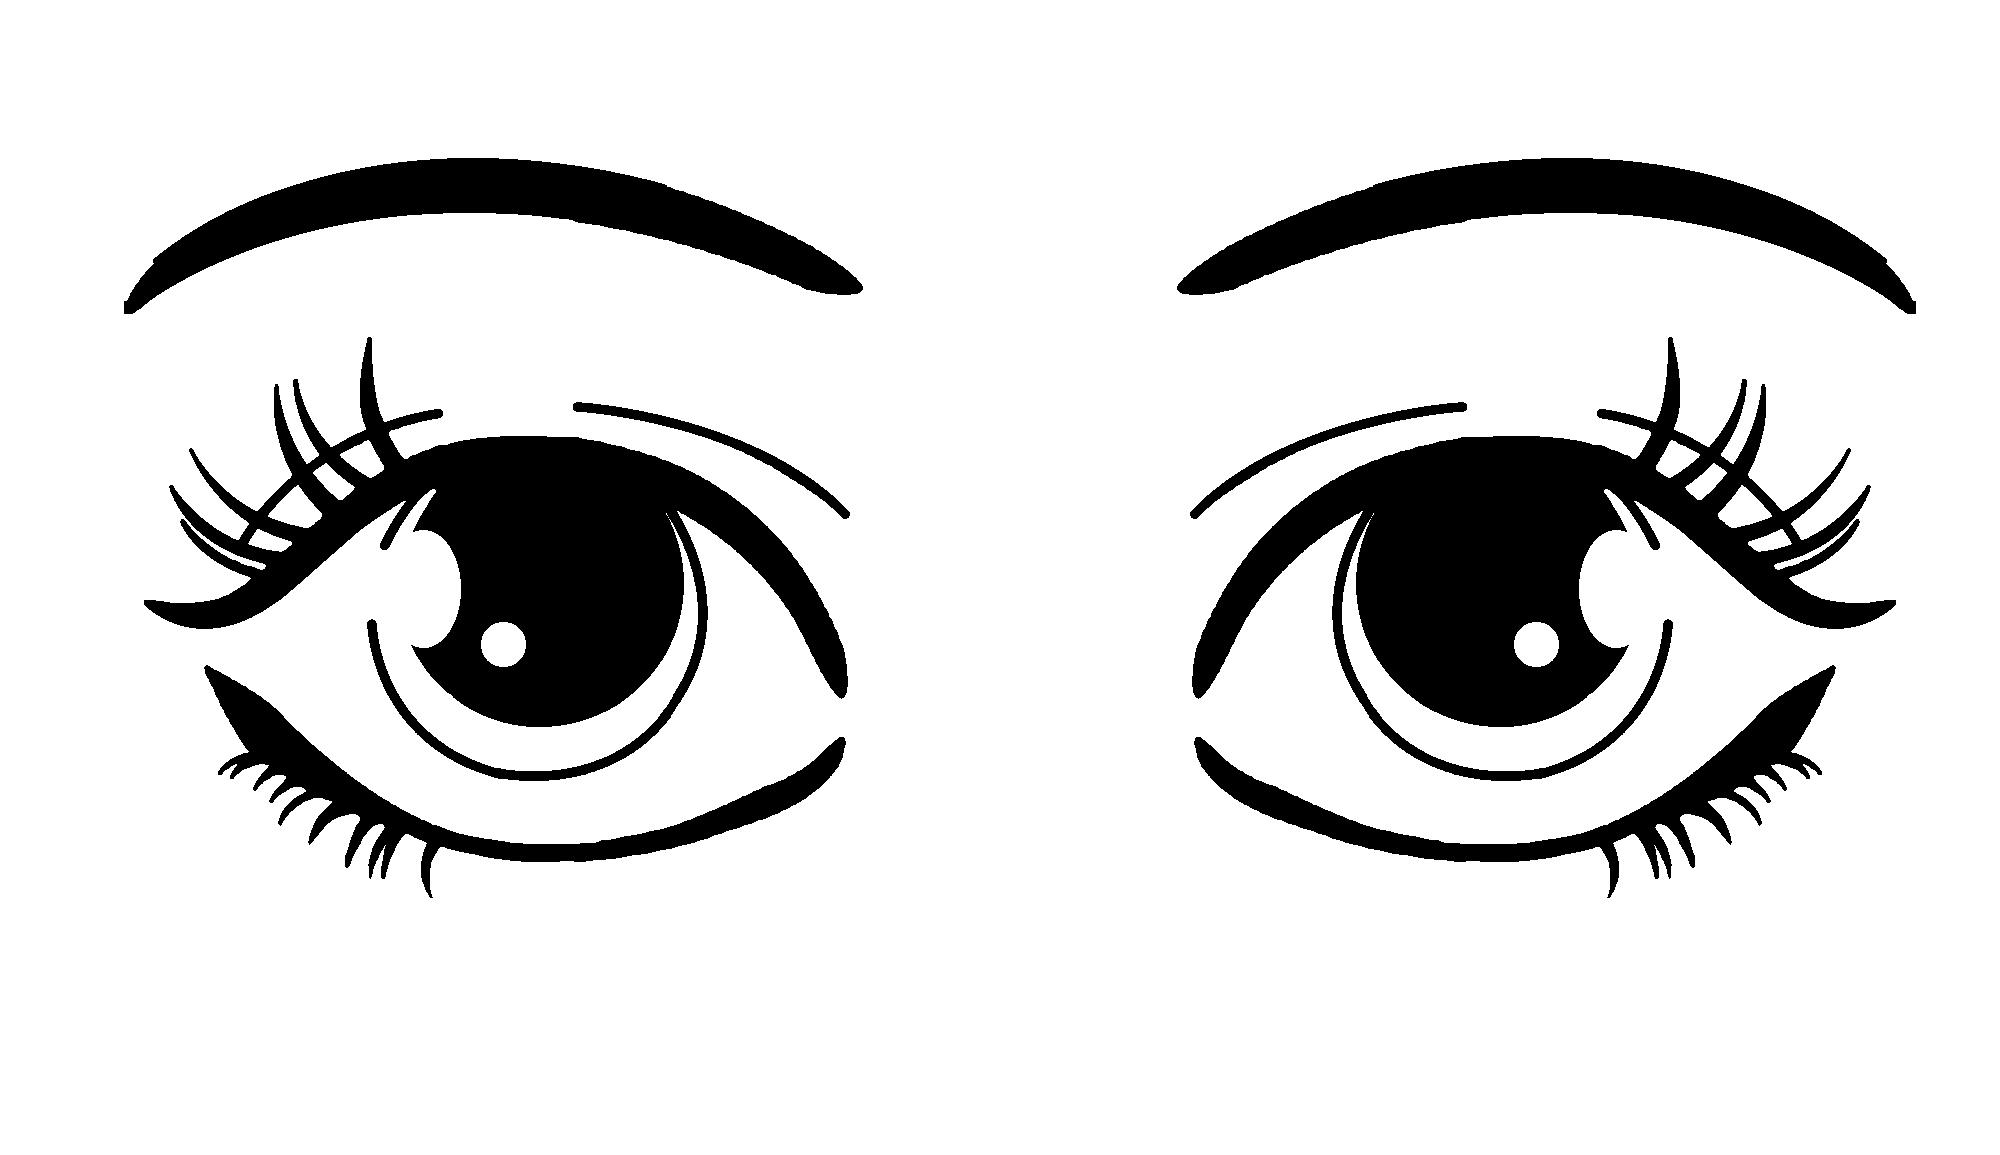 Eyebrow clipart 2 eye. Free cartoon eyeballs cliparts